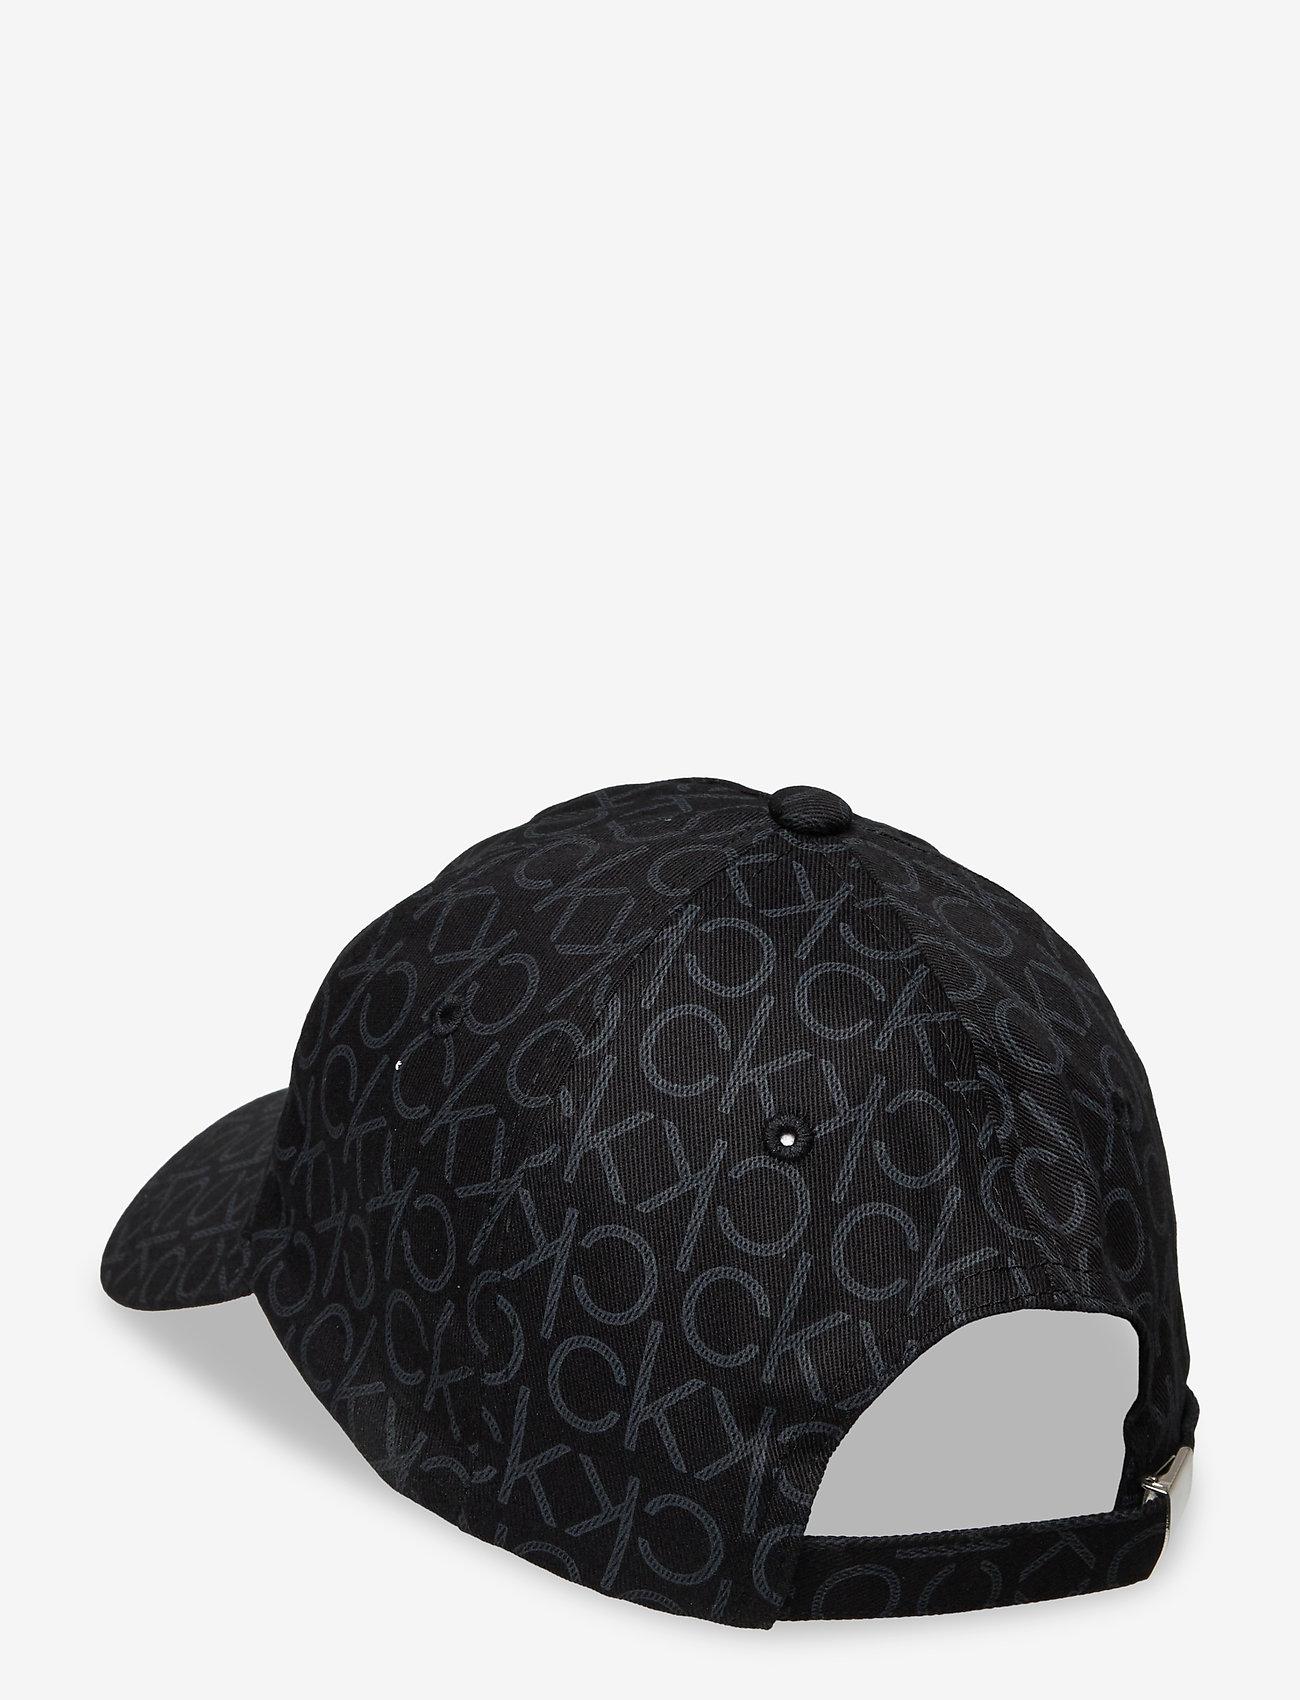 Calvin Klein - RE-LOCK BB CAP MONO - kasketter - black mono mix - 1